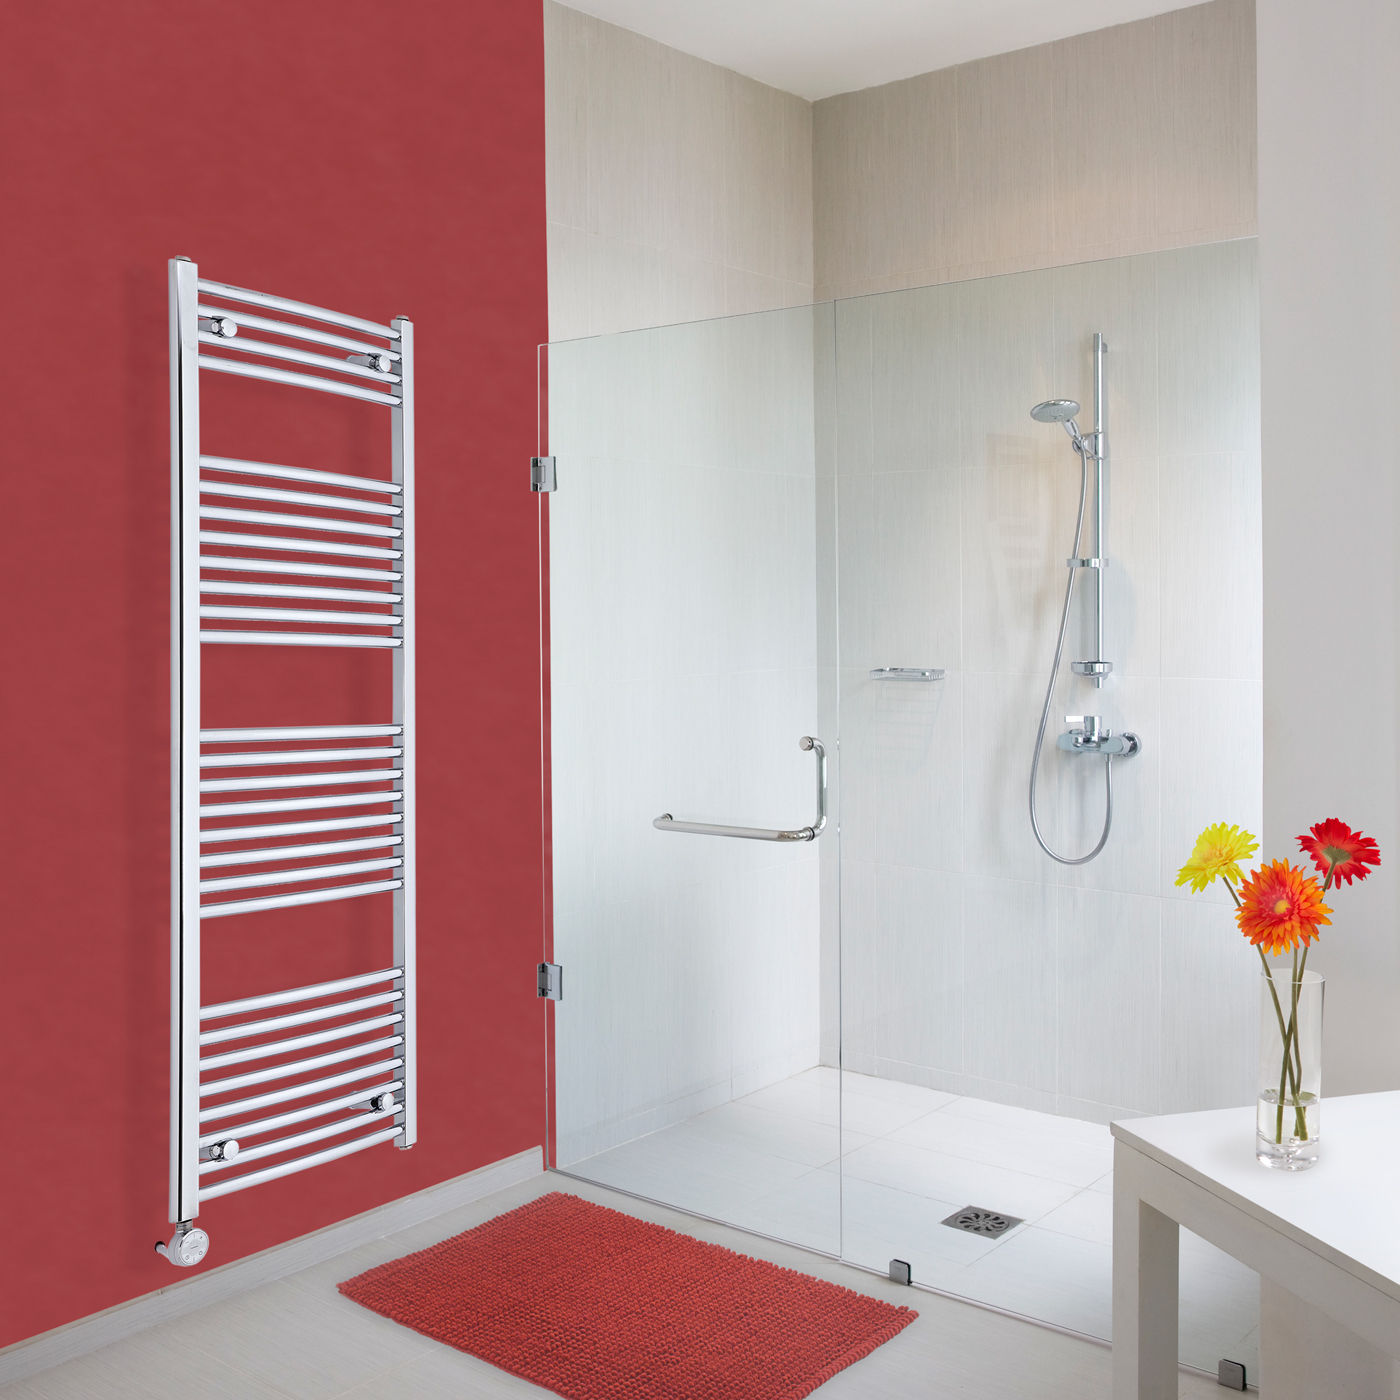 Elektrischer Handtuchheizkörper Gebogen Chrom 1500mm x 500mm inkl. ein 600W Heizelement - Etna